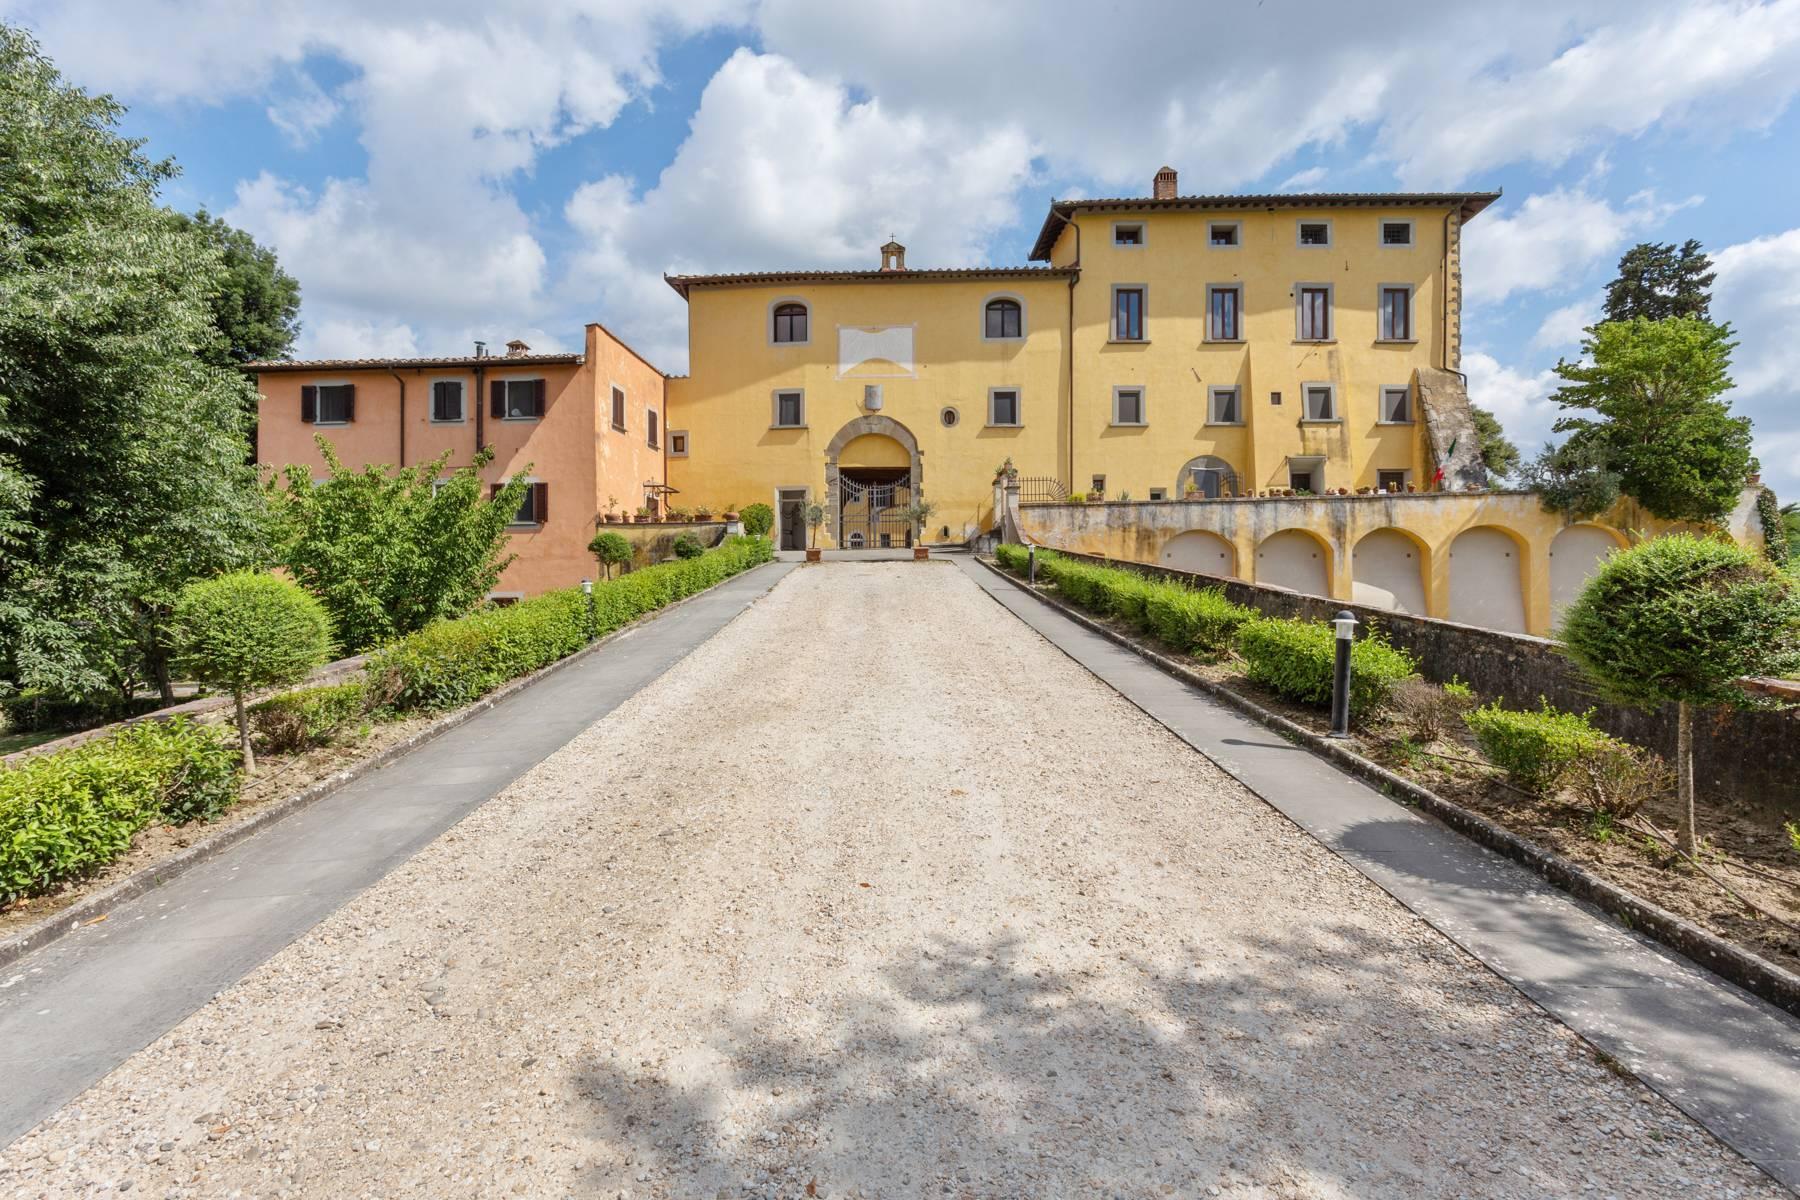 Magnifique appartement dans villa historique du XVI siècle avec jardin - 19